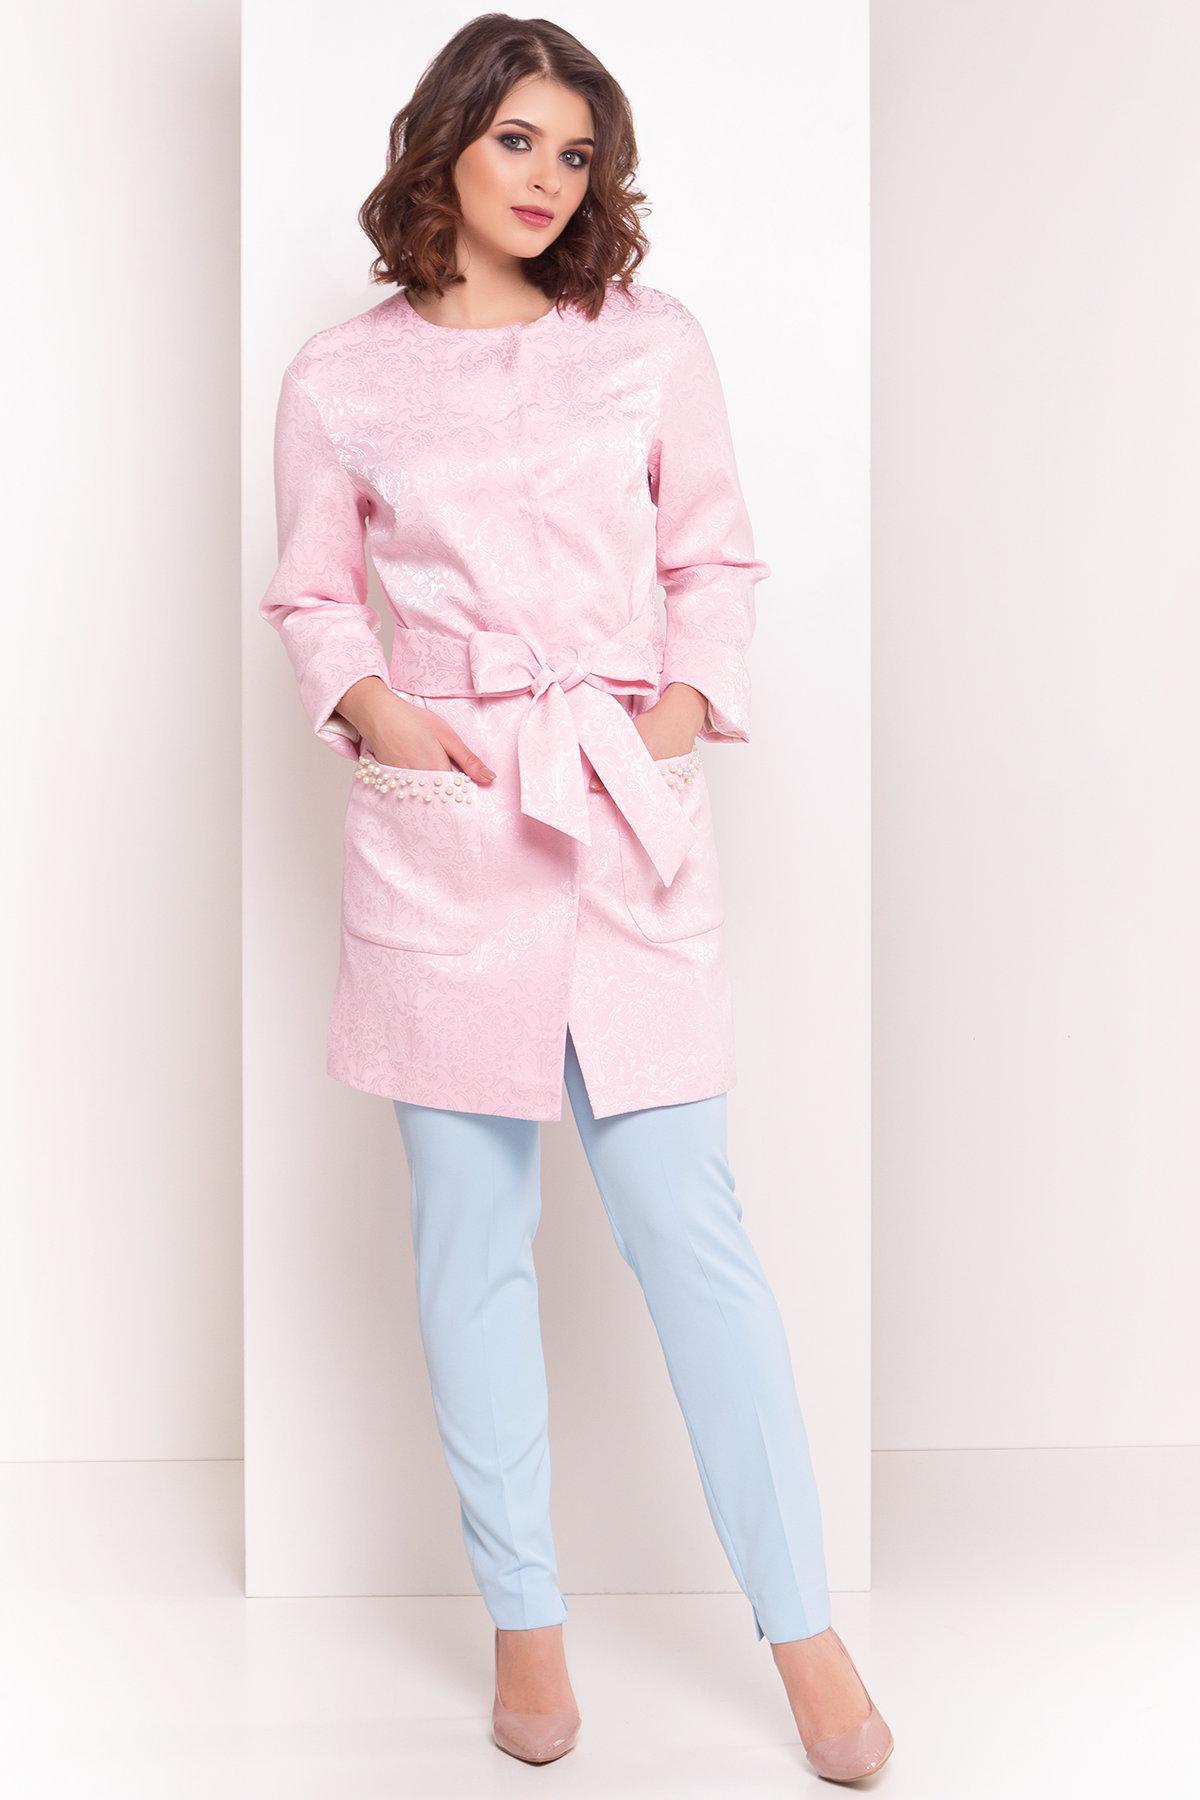 Укороченный плащ Делия 4675 АРТ. 34105 Цвет: Розовый - фото 1, интернет магазин tm-modus.ru